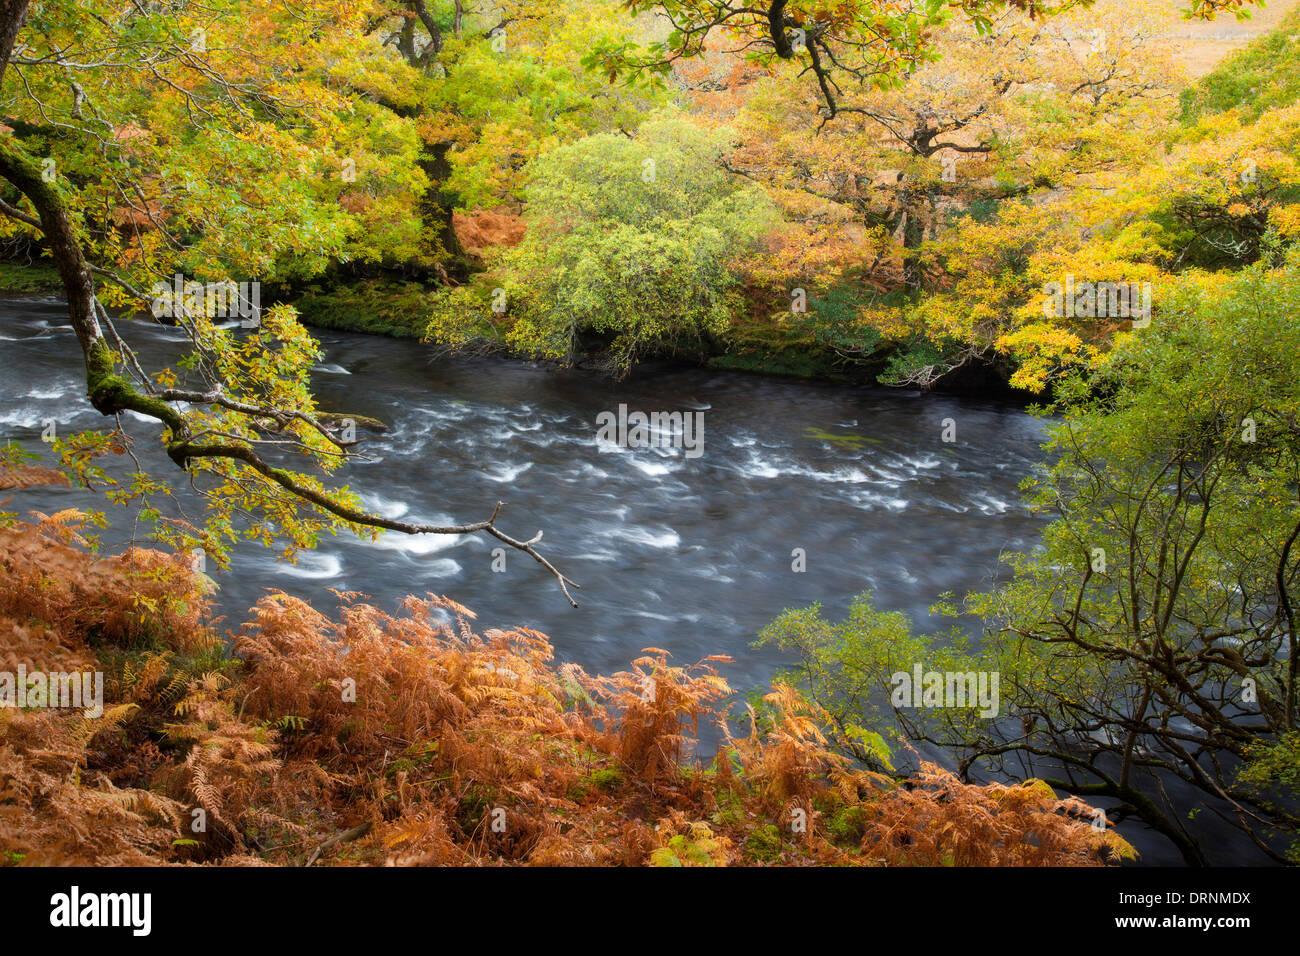 Autumn oak woodland along the Owenmore River, County Mayo, Ireland. - Stock Image